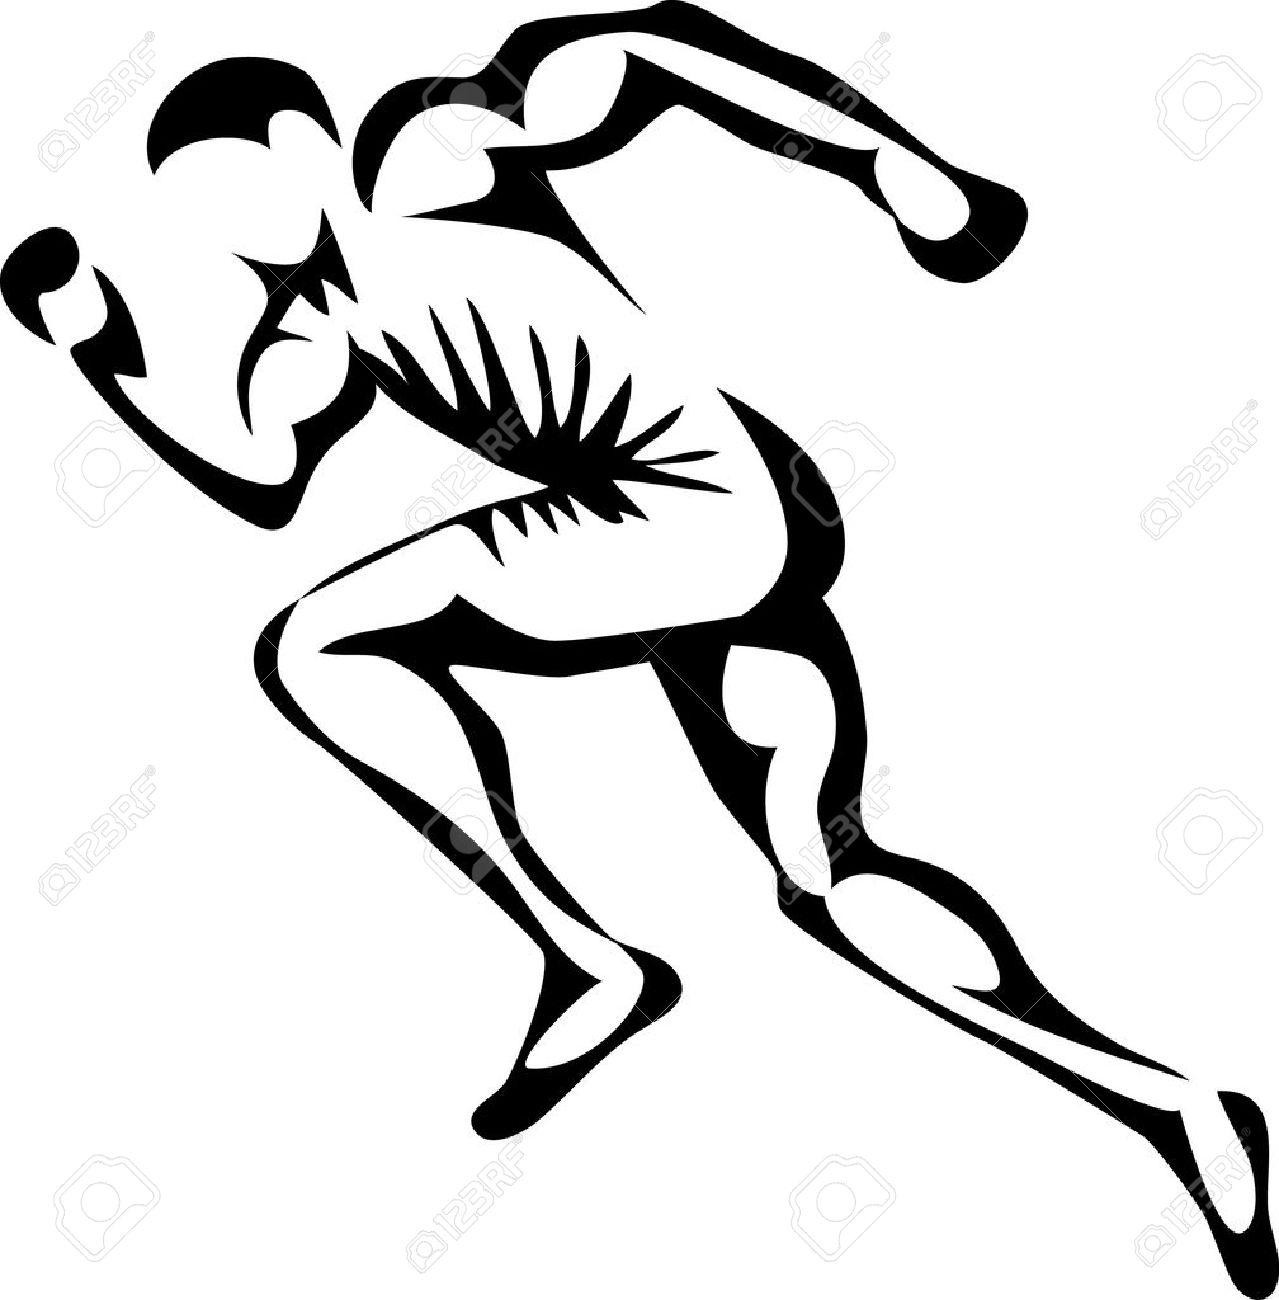 sprinter Stock Vector - 22027914